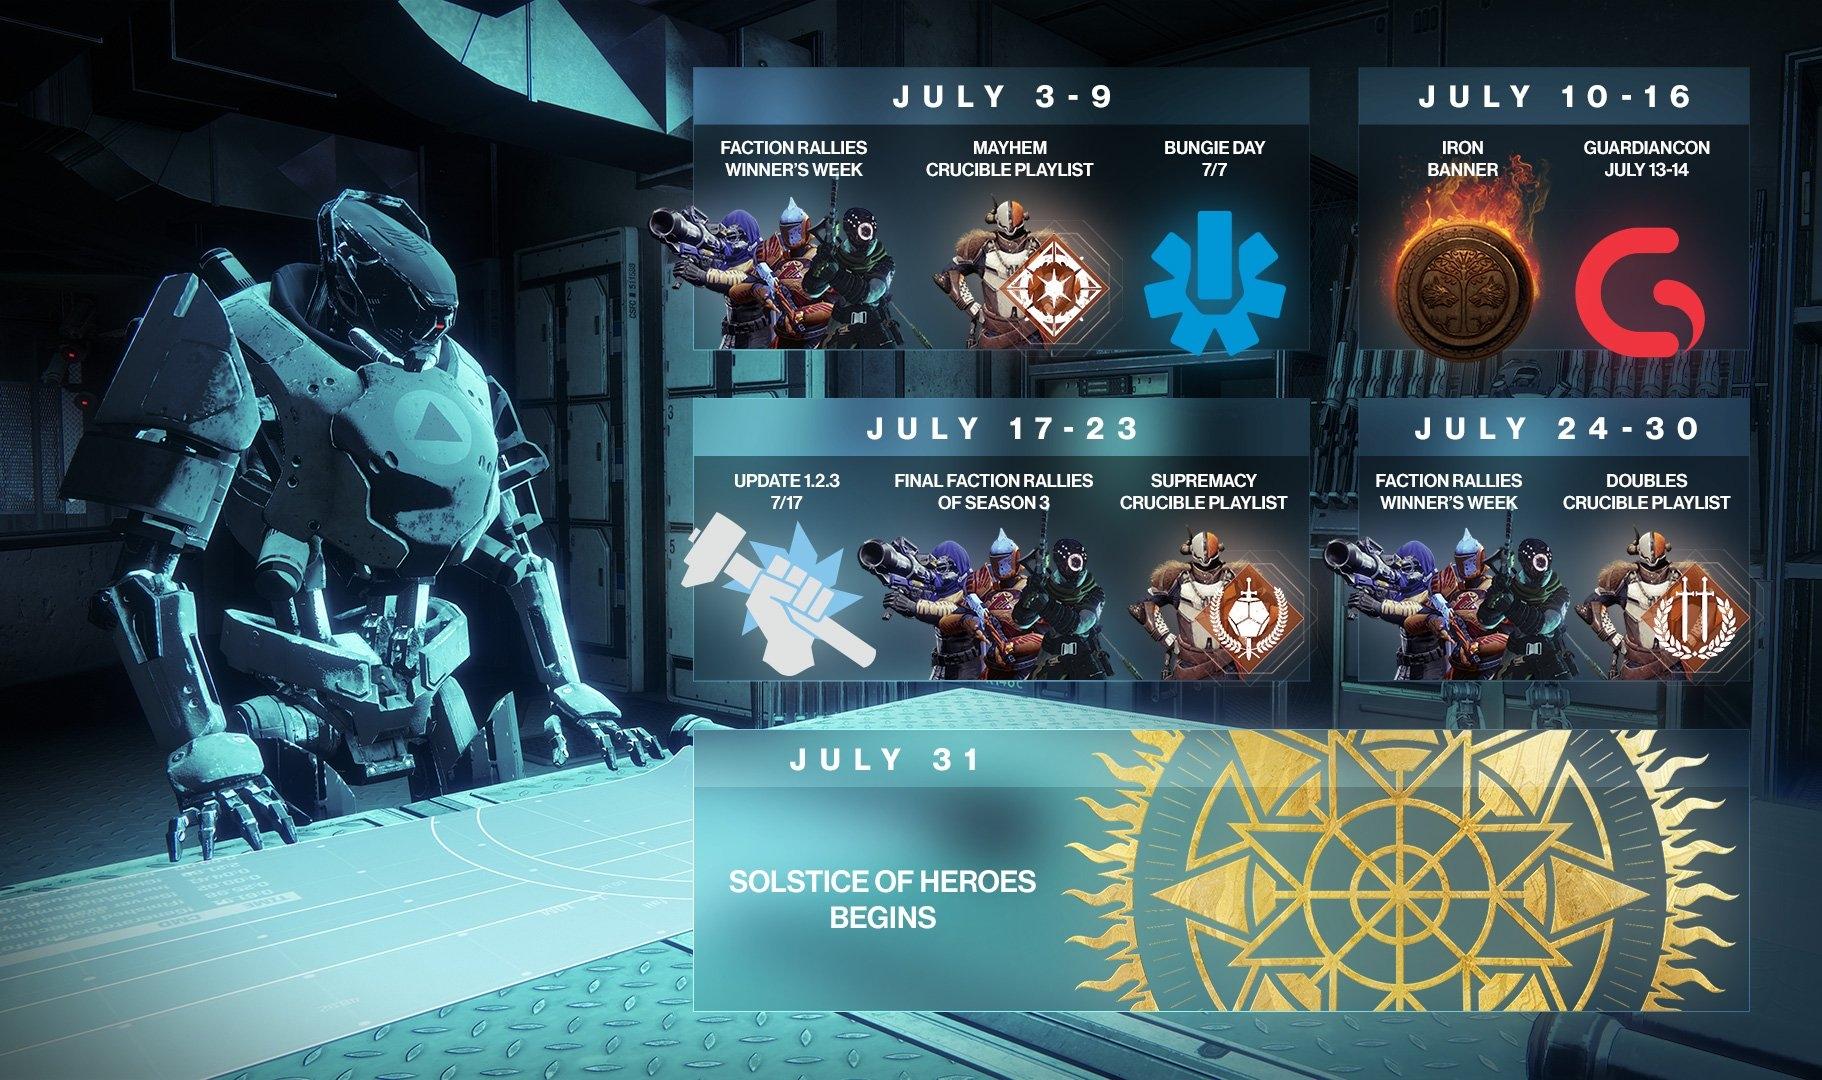 Bungie Details Next Few Weeks In Destiny 2, Announces Development Destiny 2 Calendar 2019